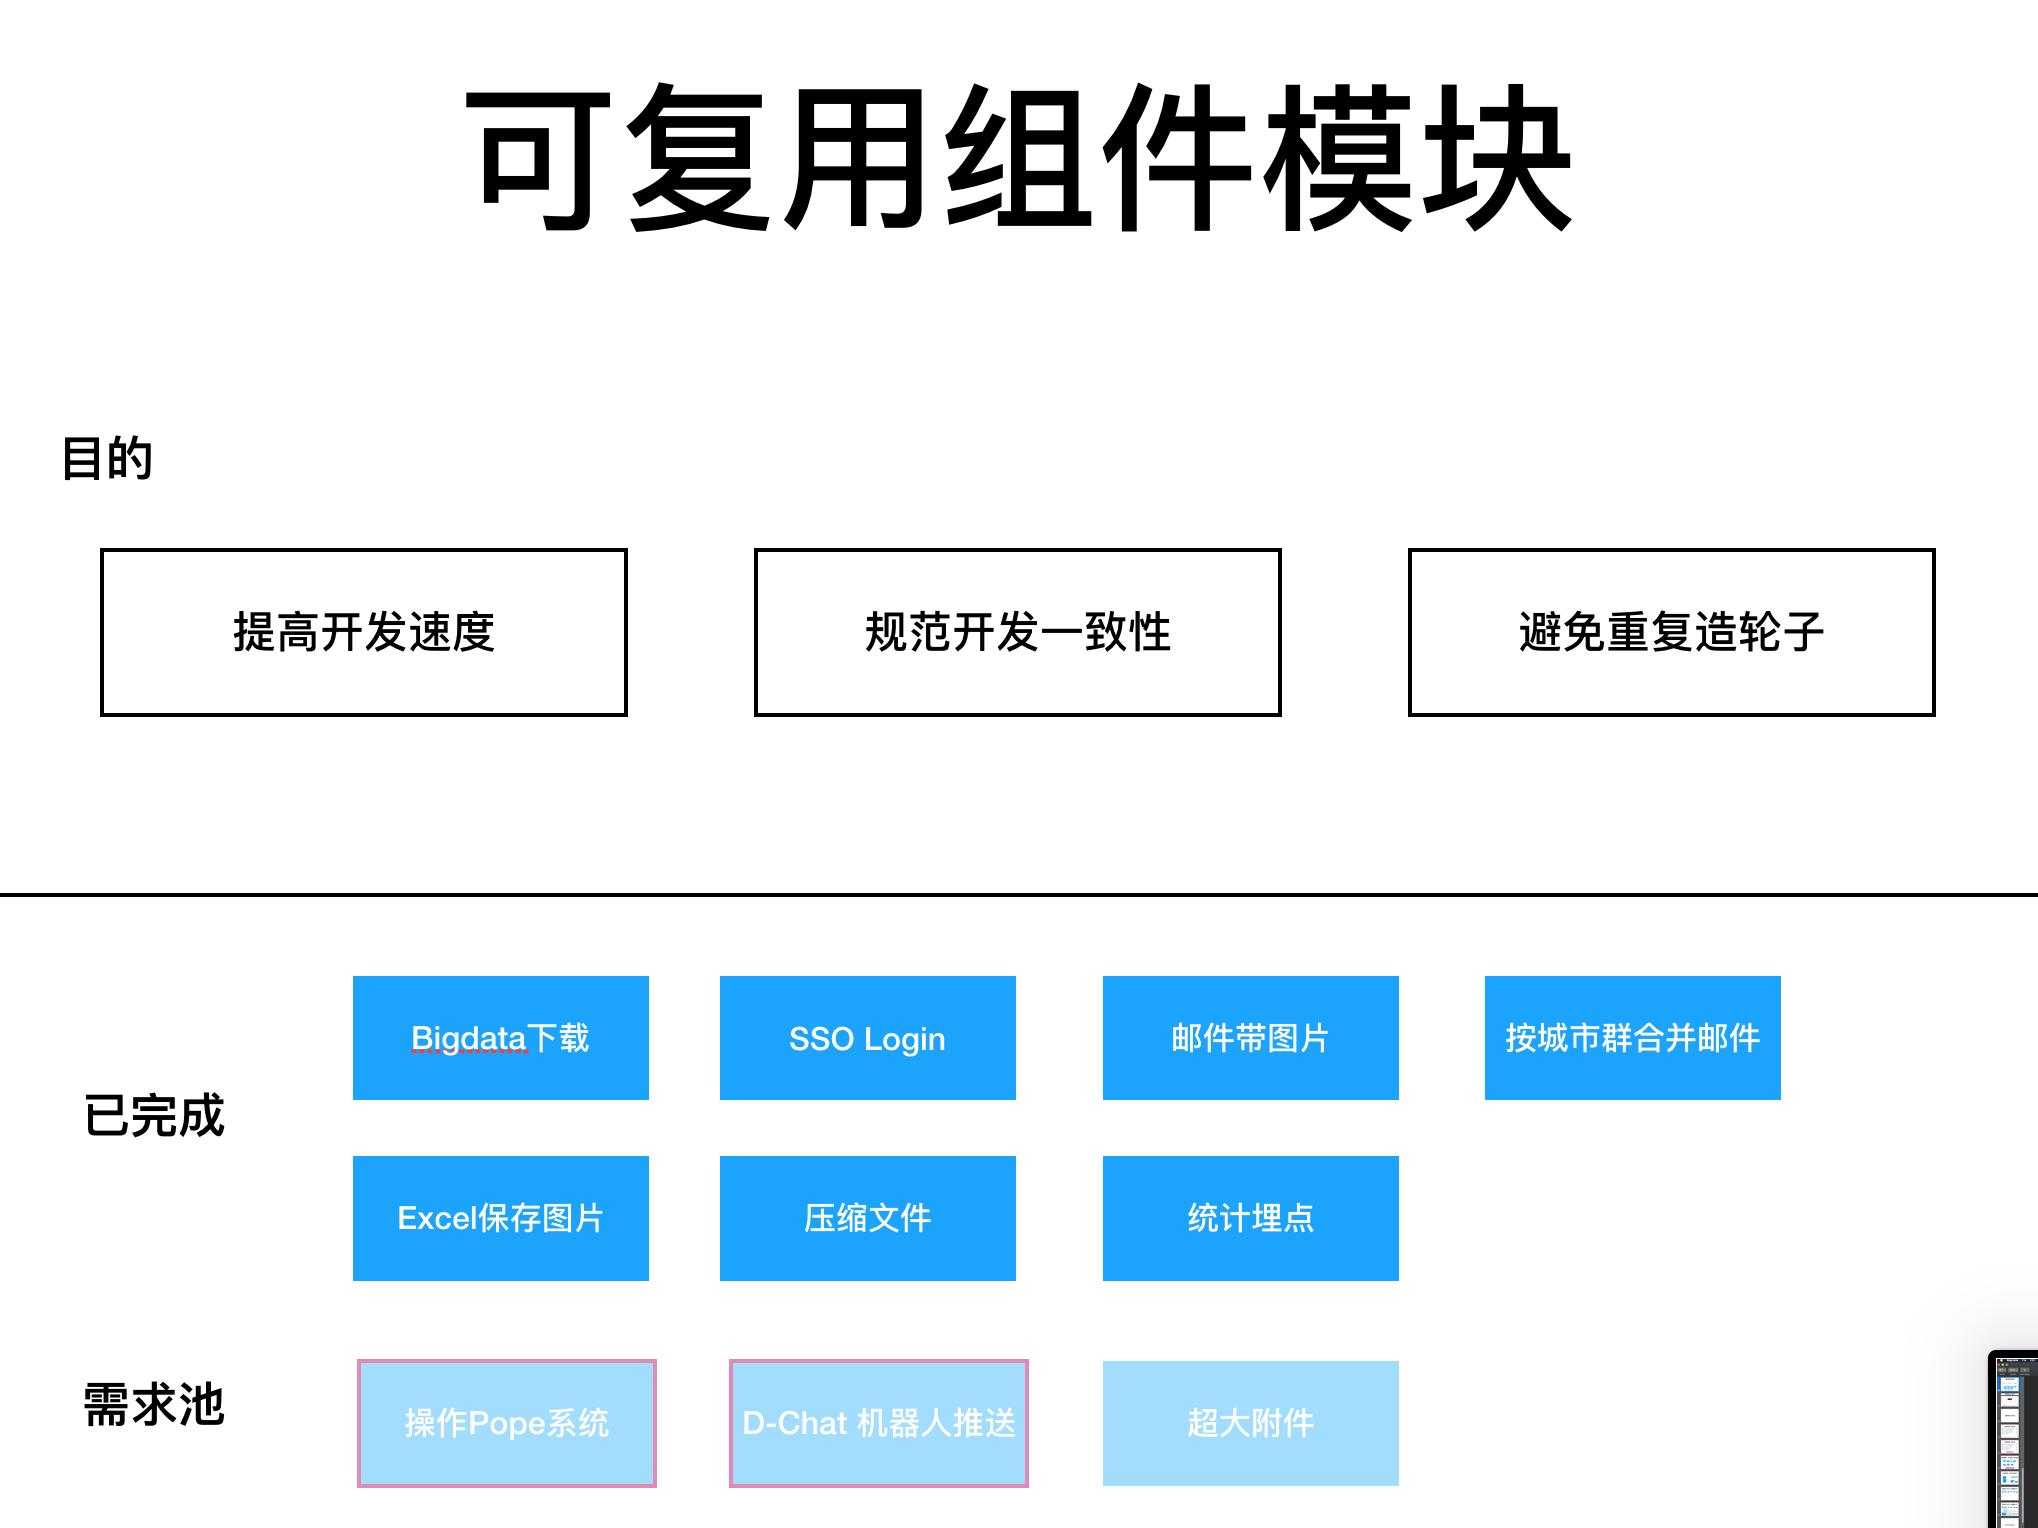 RPA(虚拟员工)在互联网公司的应用插图(7)